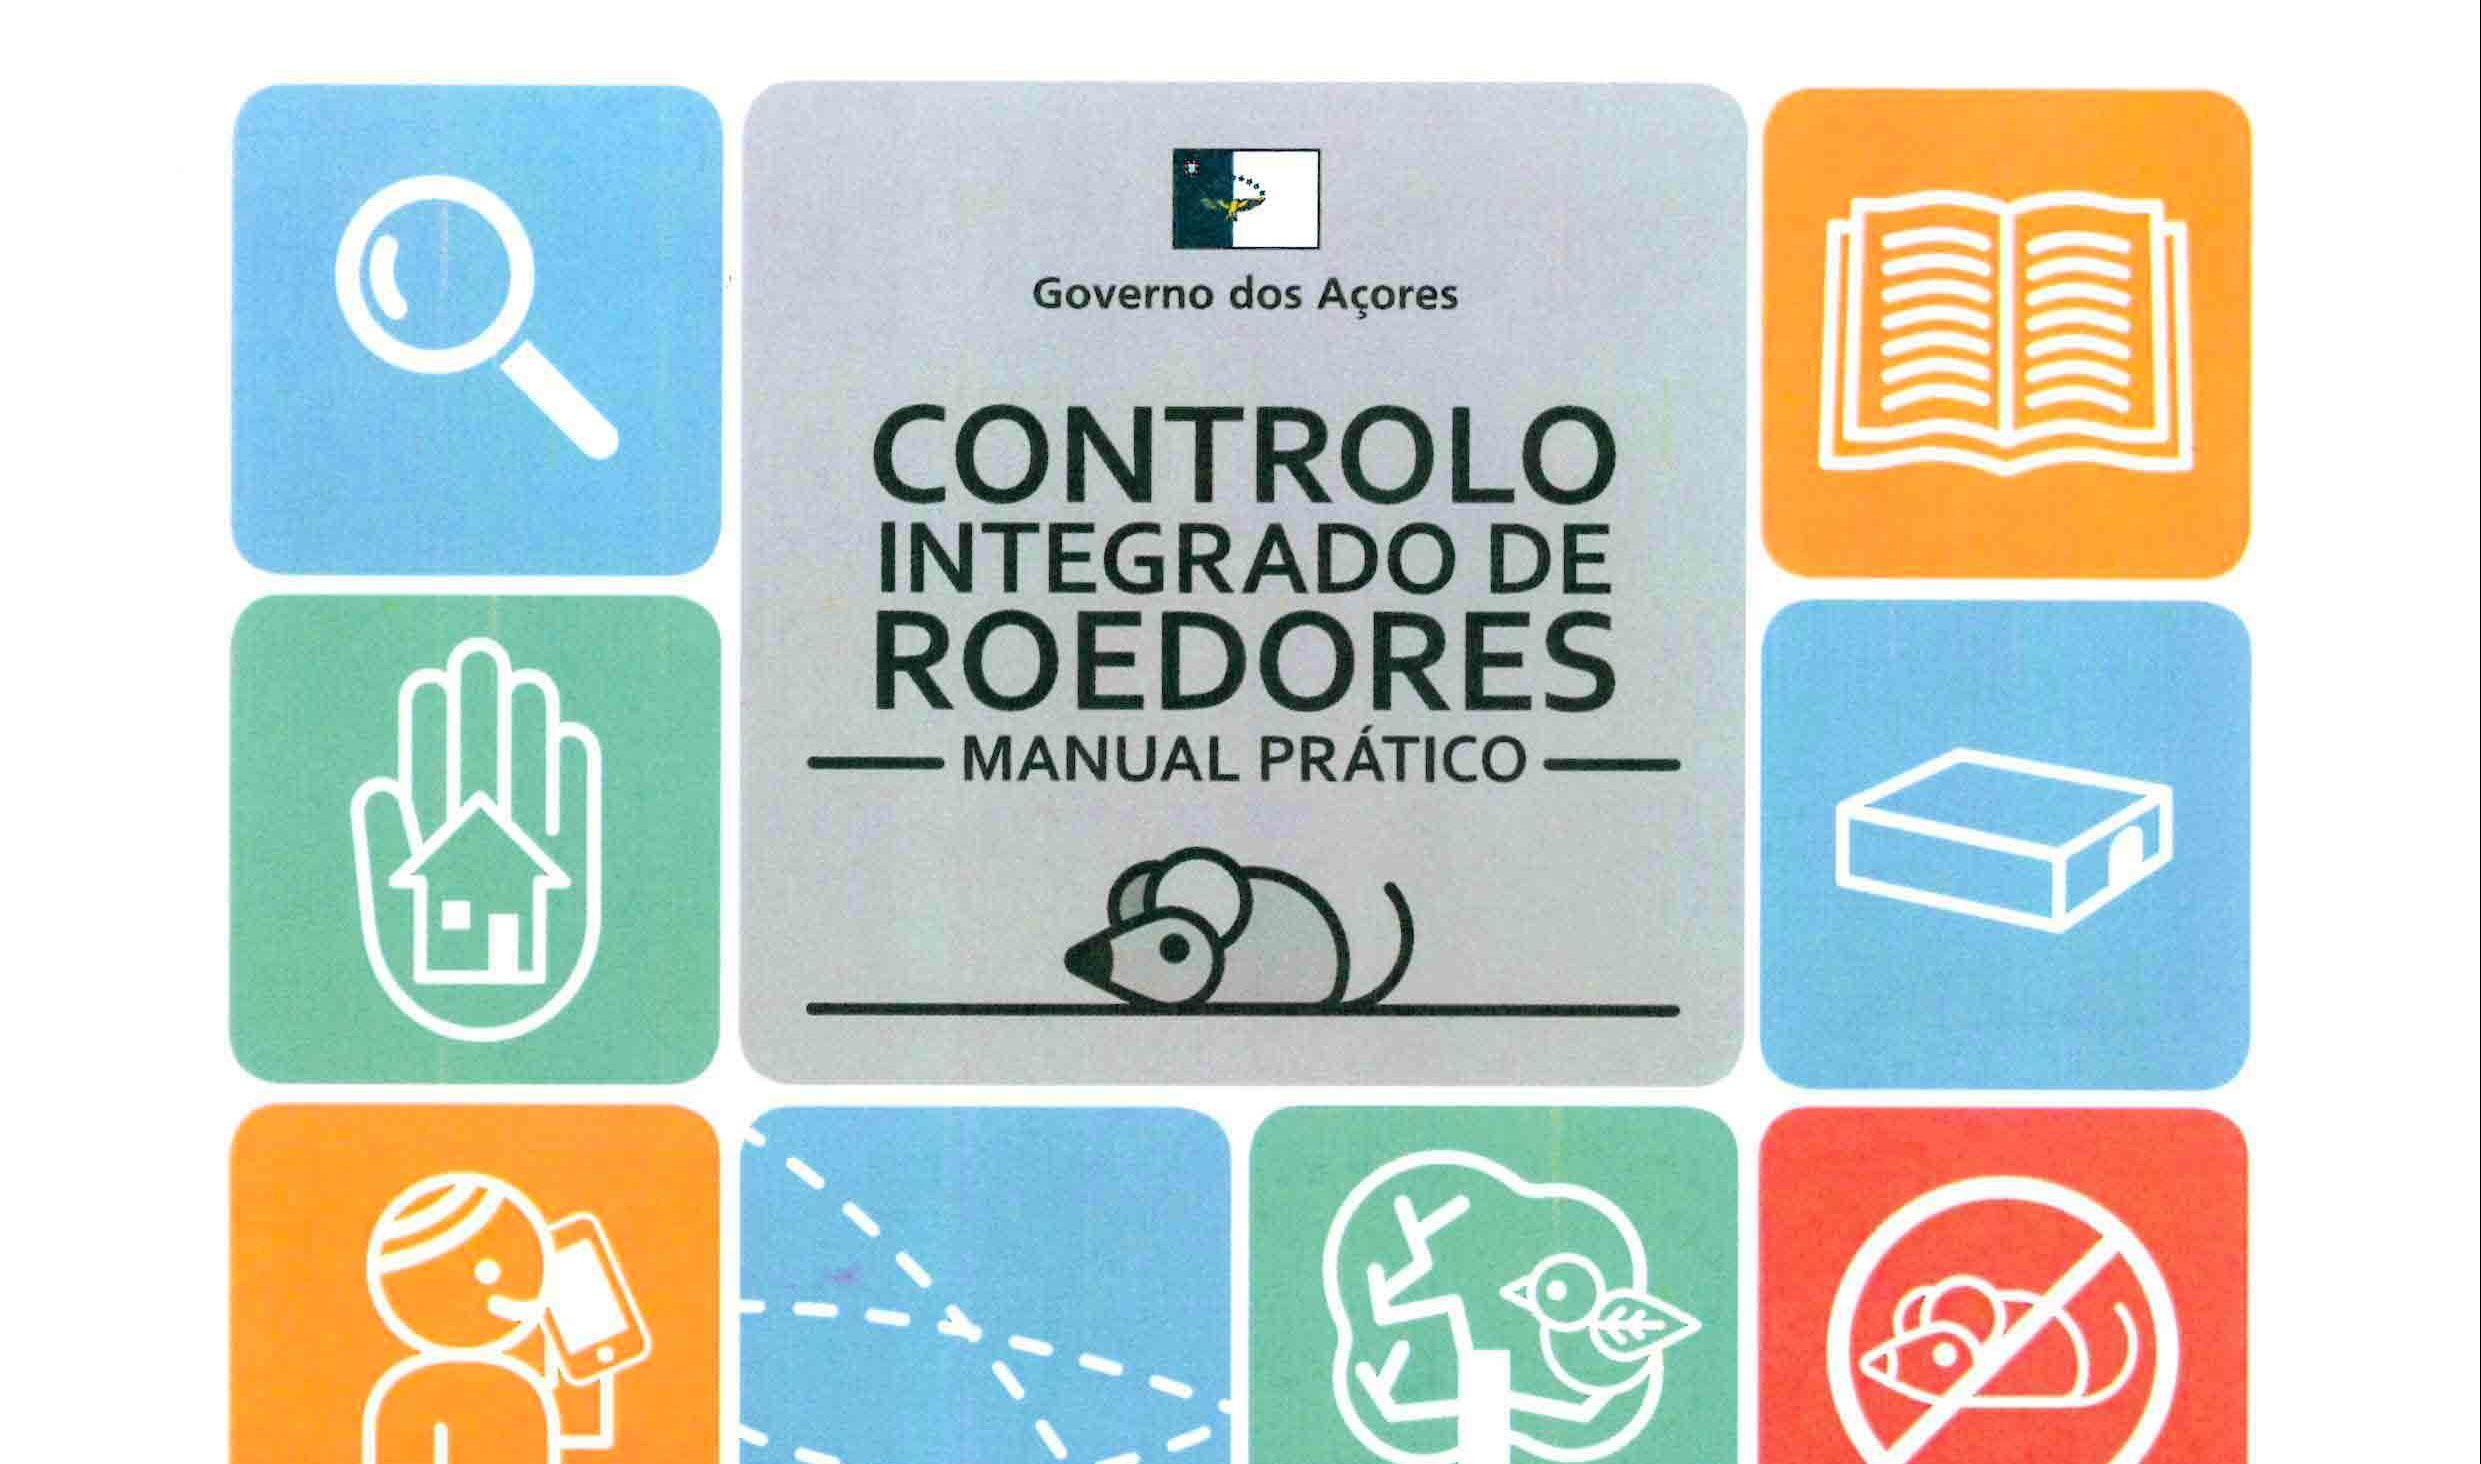 Governo dos Açores adquire mais 50 toneladas de rodenticida para controlo de roedores